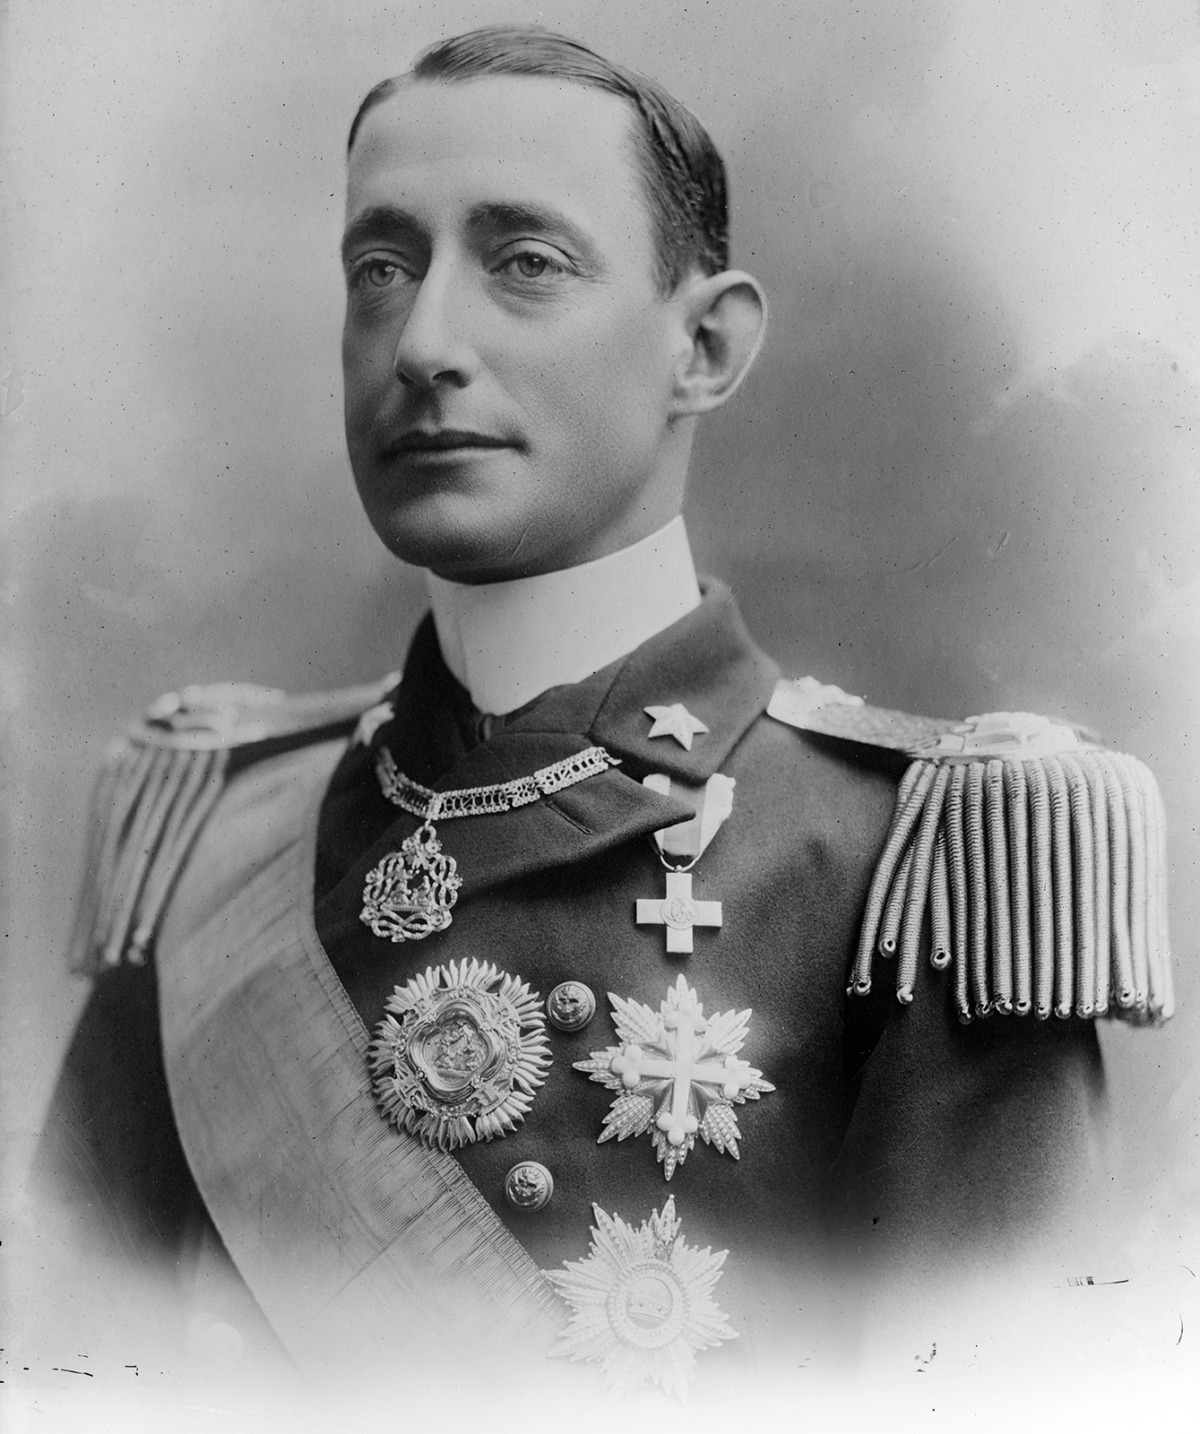 Louis-Amédée de Savoie